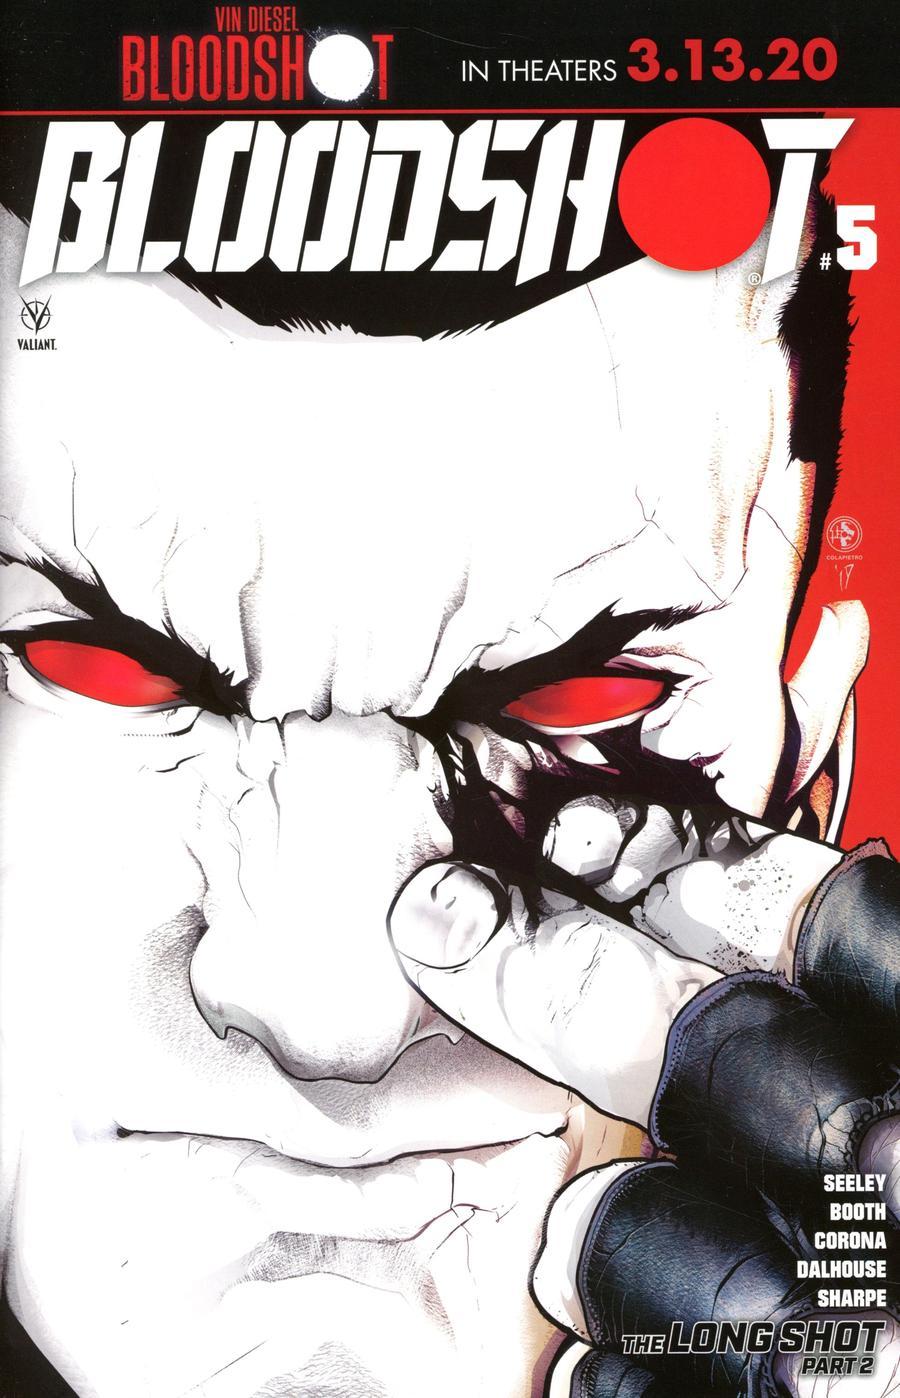 Bloodshot Vol 4 #5 Cover C Variant Leo Colapietro Cover